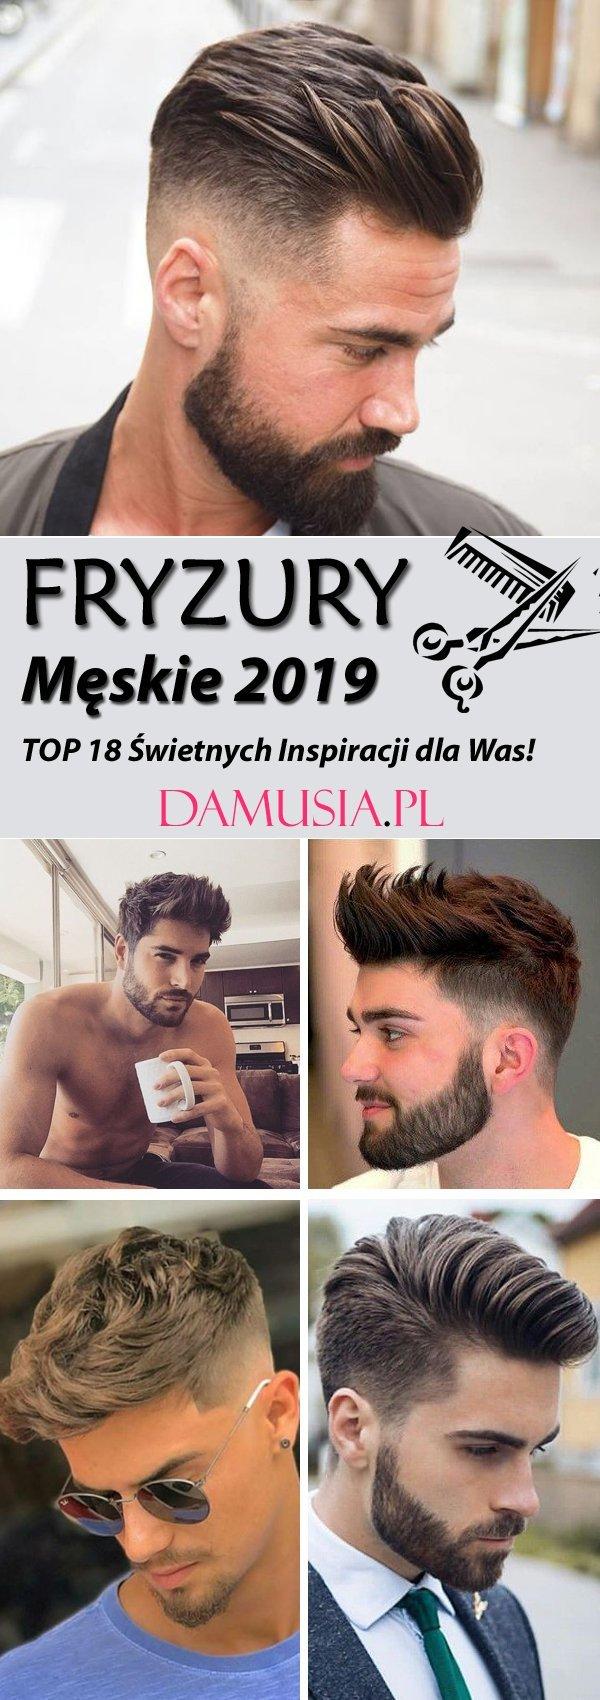 Modne Fryzury Męskie 2019 Top 18 świetnych Inspiracji Na